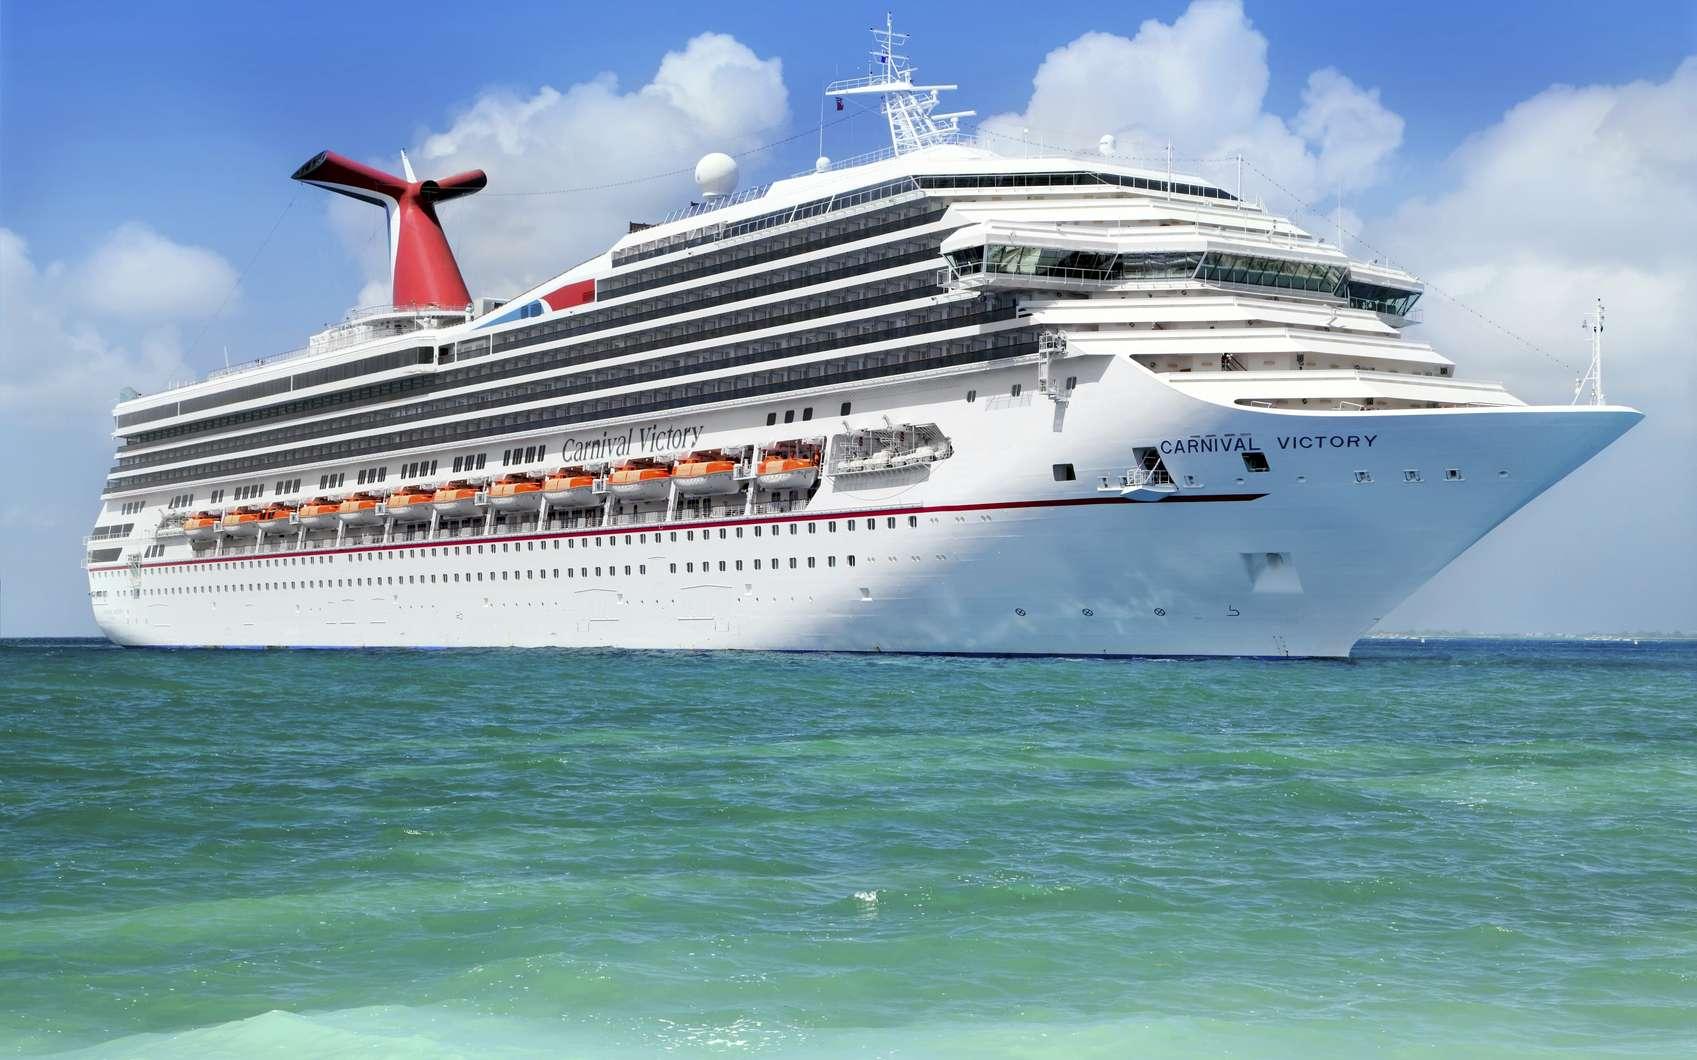 Royal Caribbean International : vous avez besoin d'aide pour choisir votre destination ?